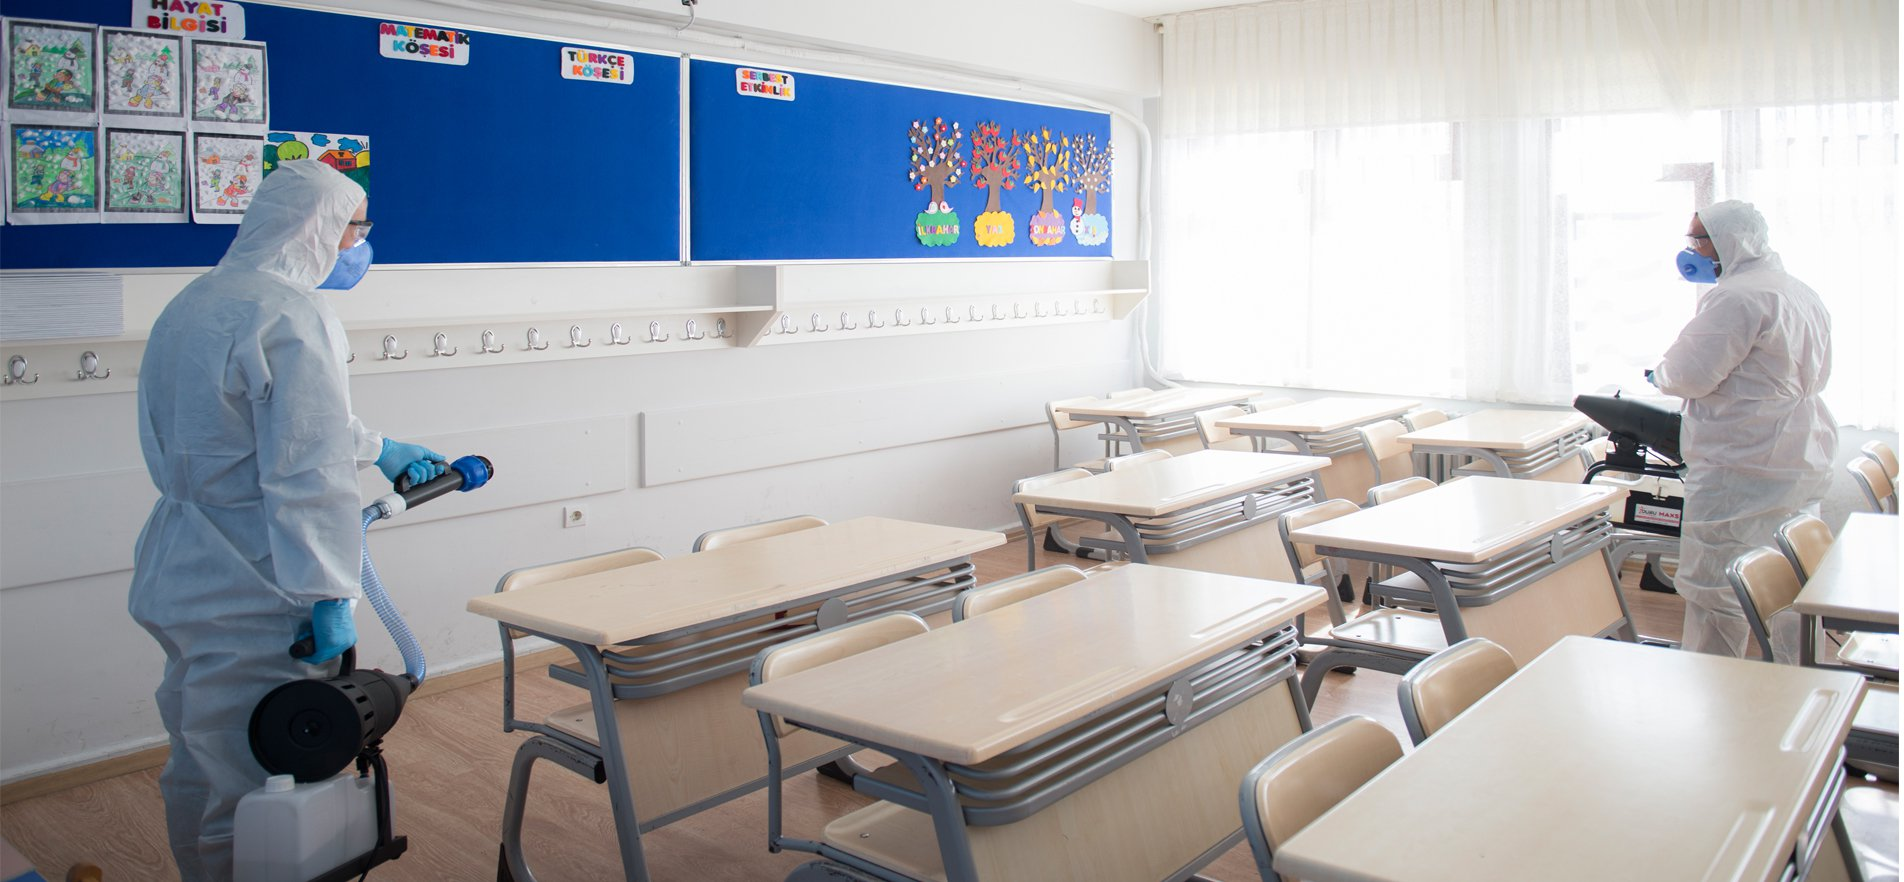 koronavirues-oenlemleri-kapsaminda-okullardaki-sosyal-etkinlikler-iptal-edildi